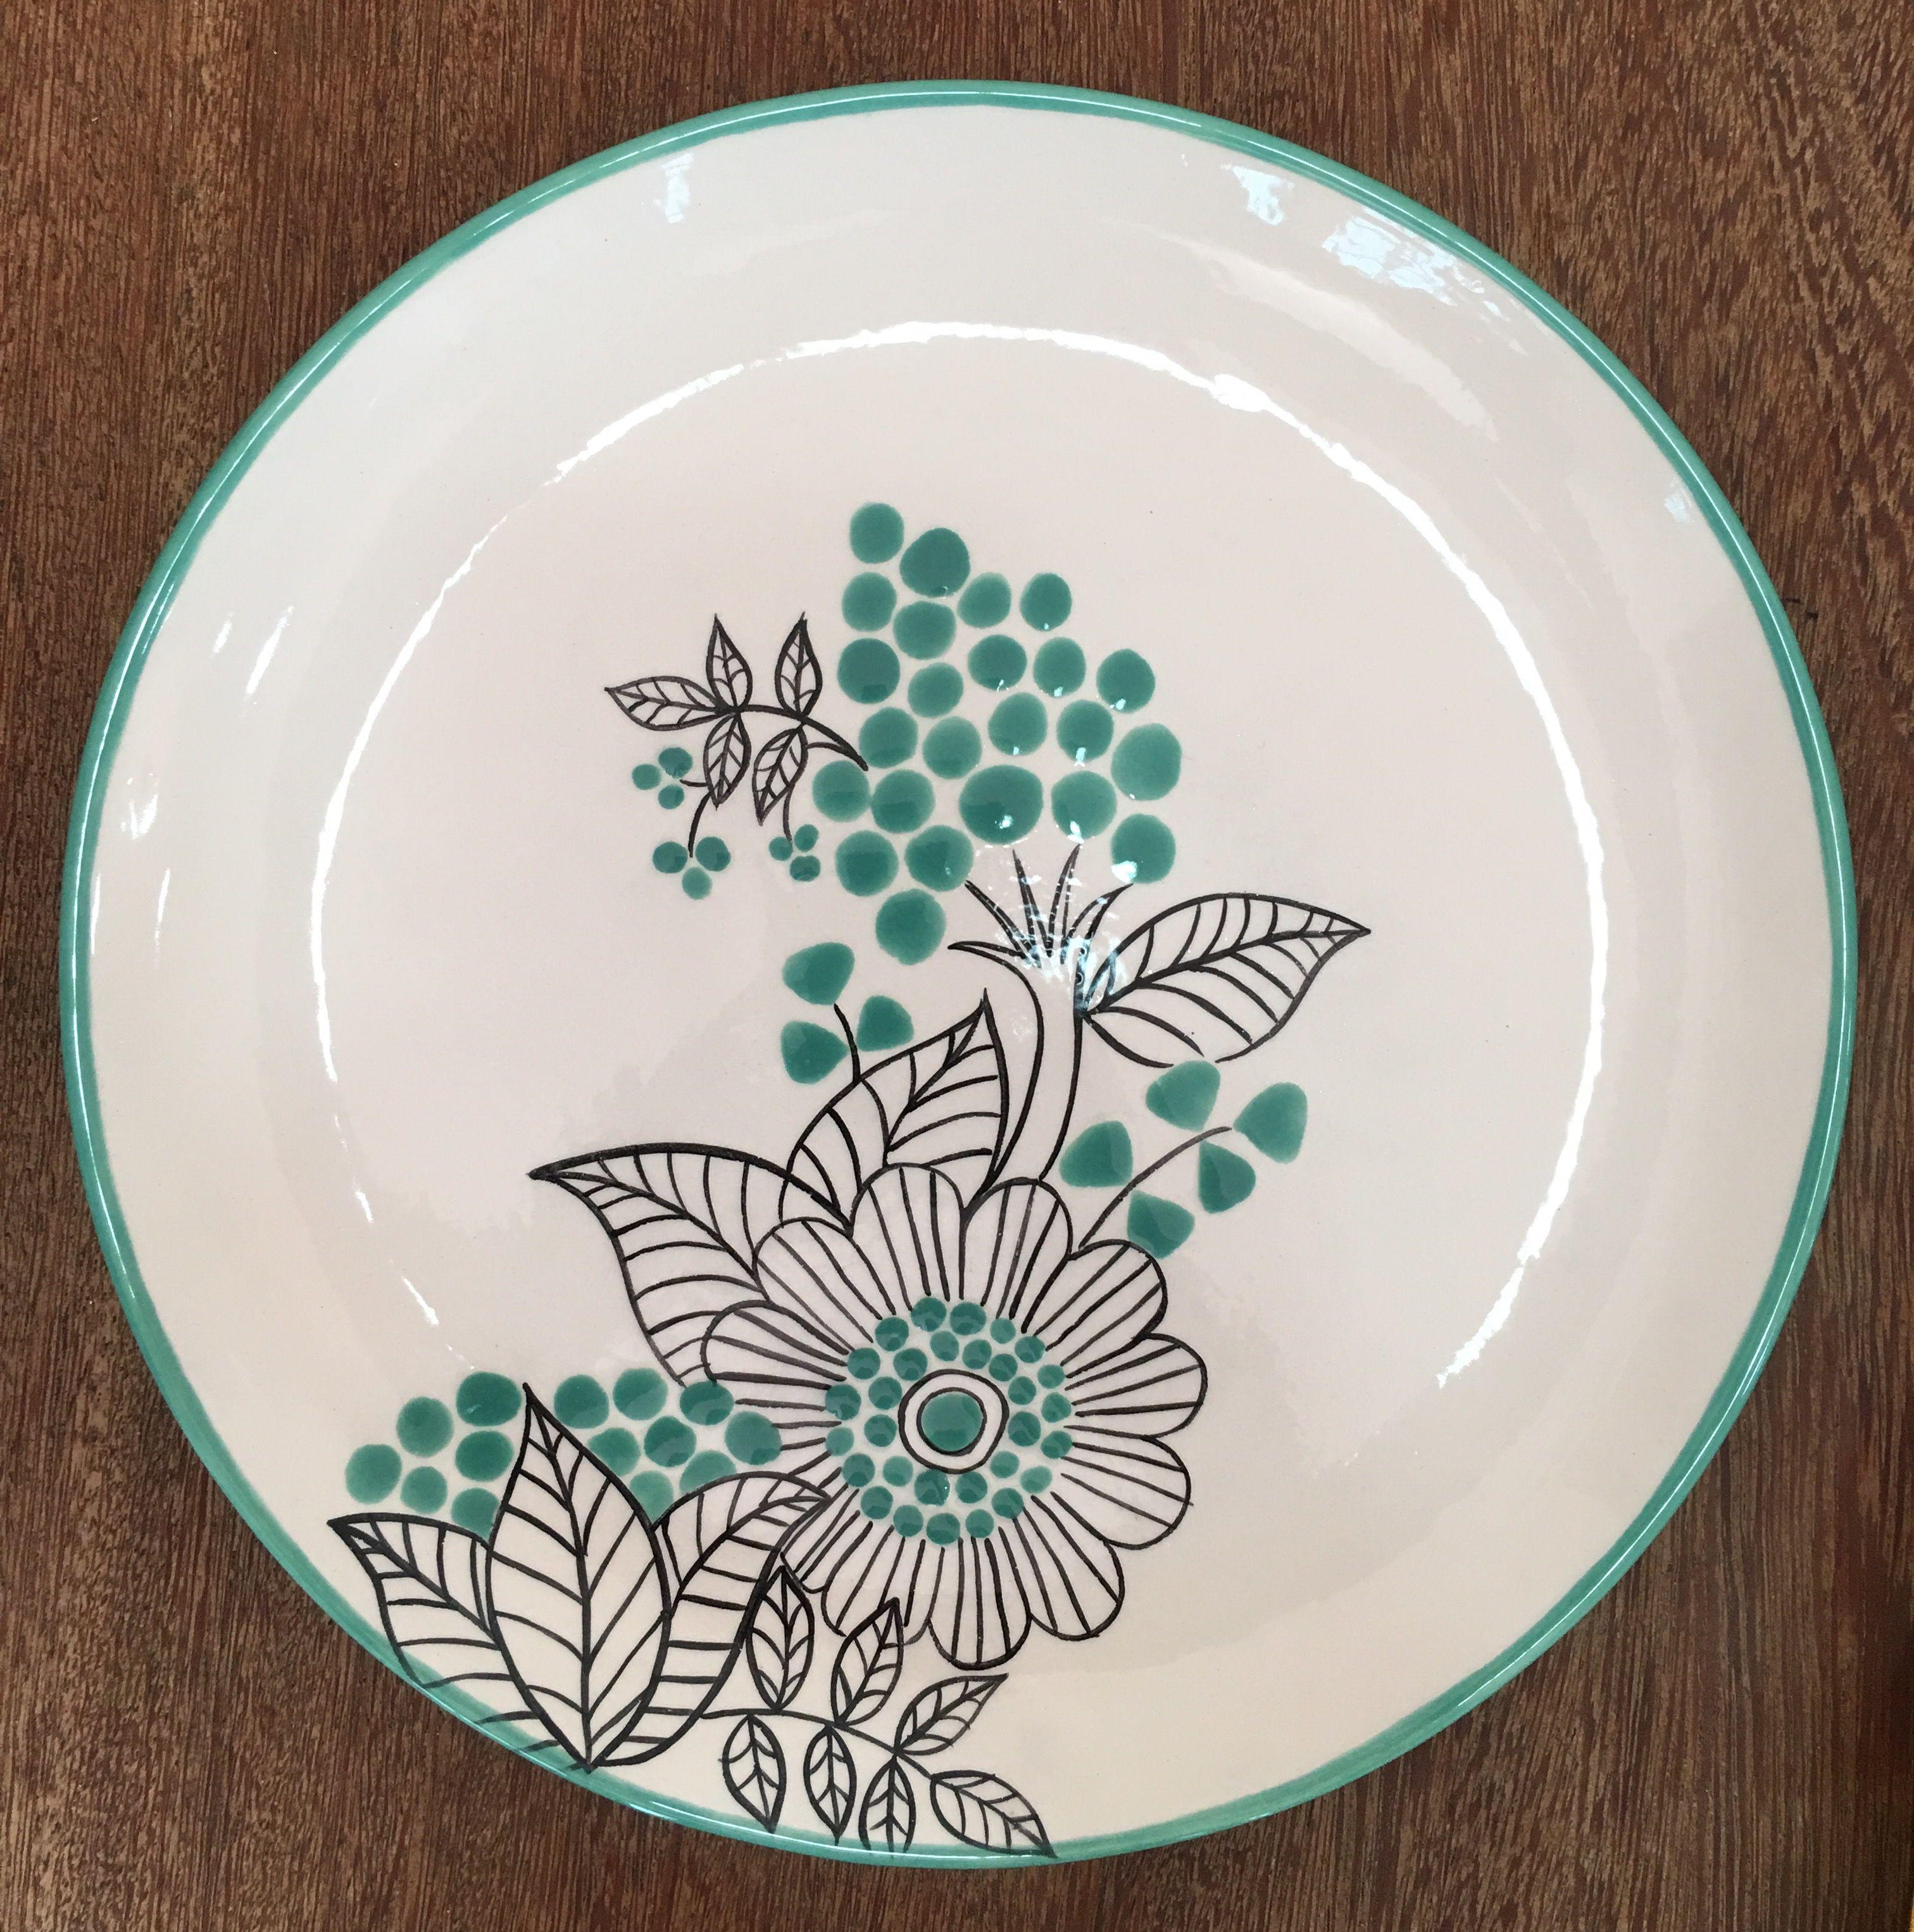 Tuto Peinture Sur Porcelaine Épinglé par maitrejean sur assiette zendool | peinture sur